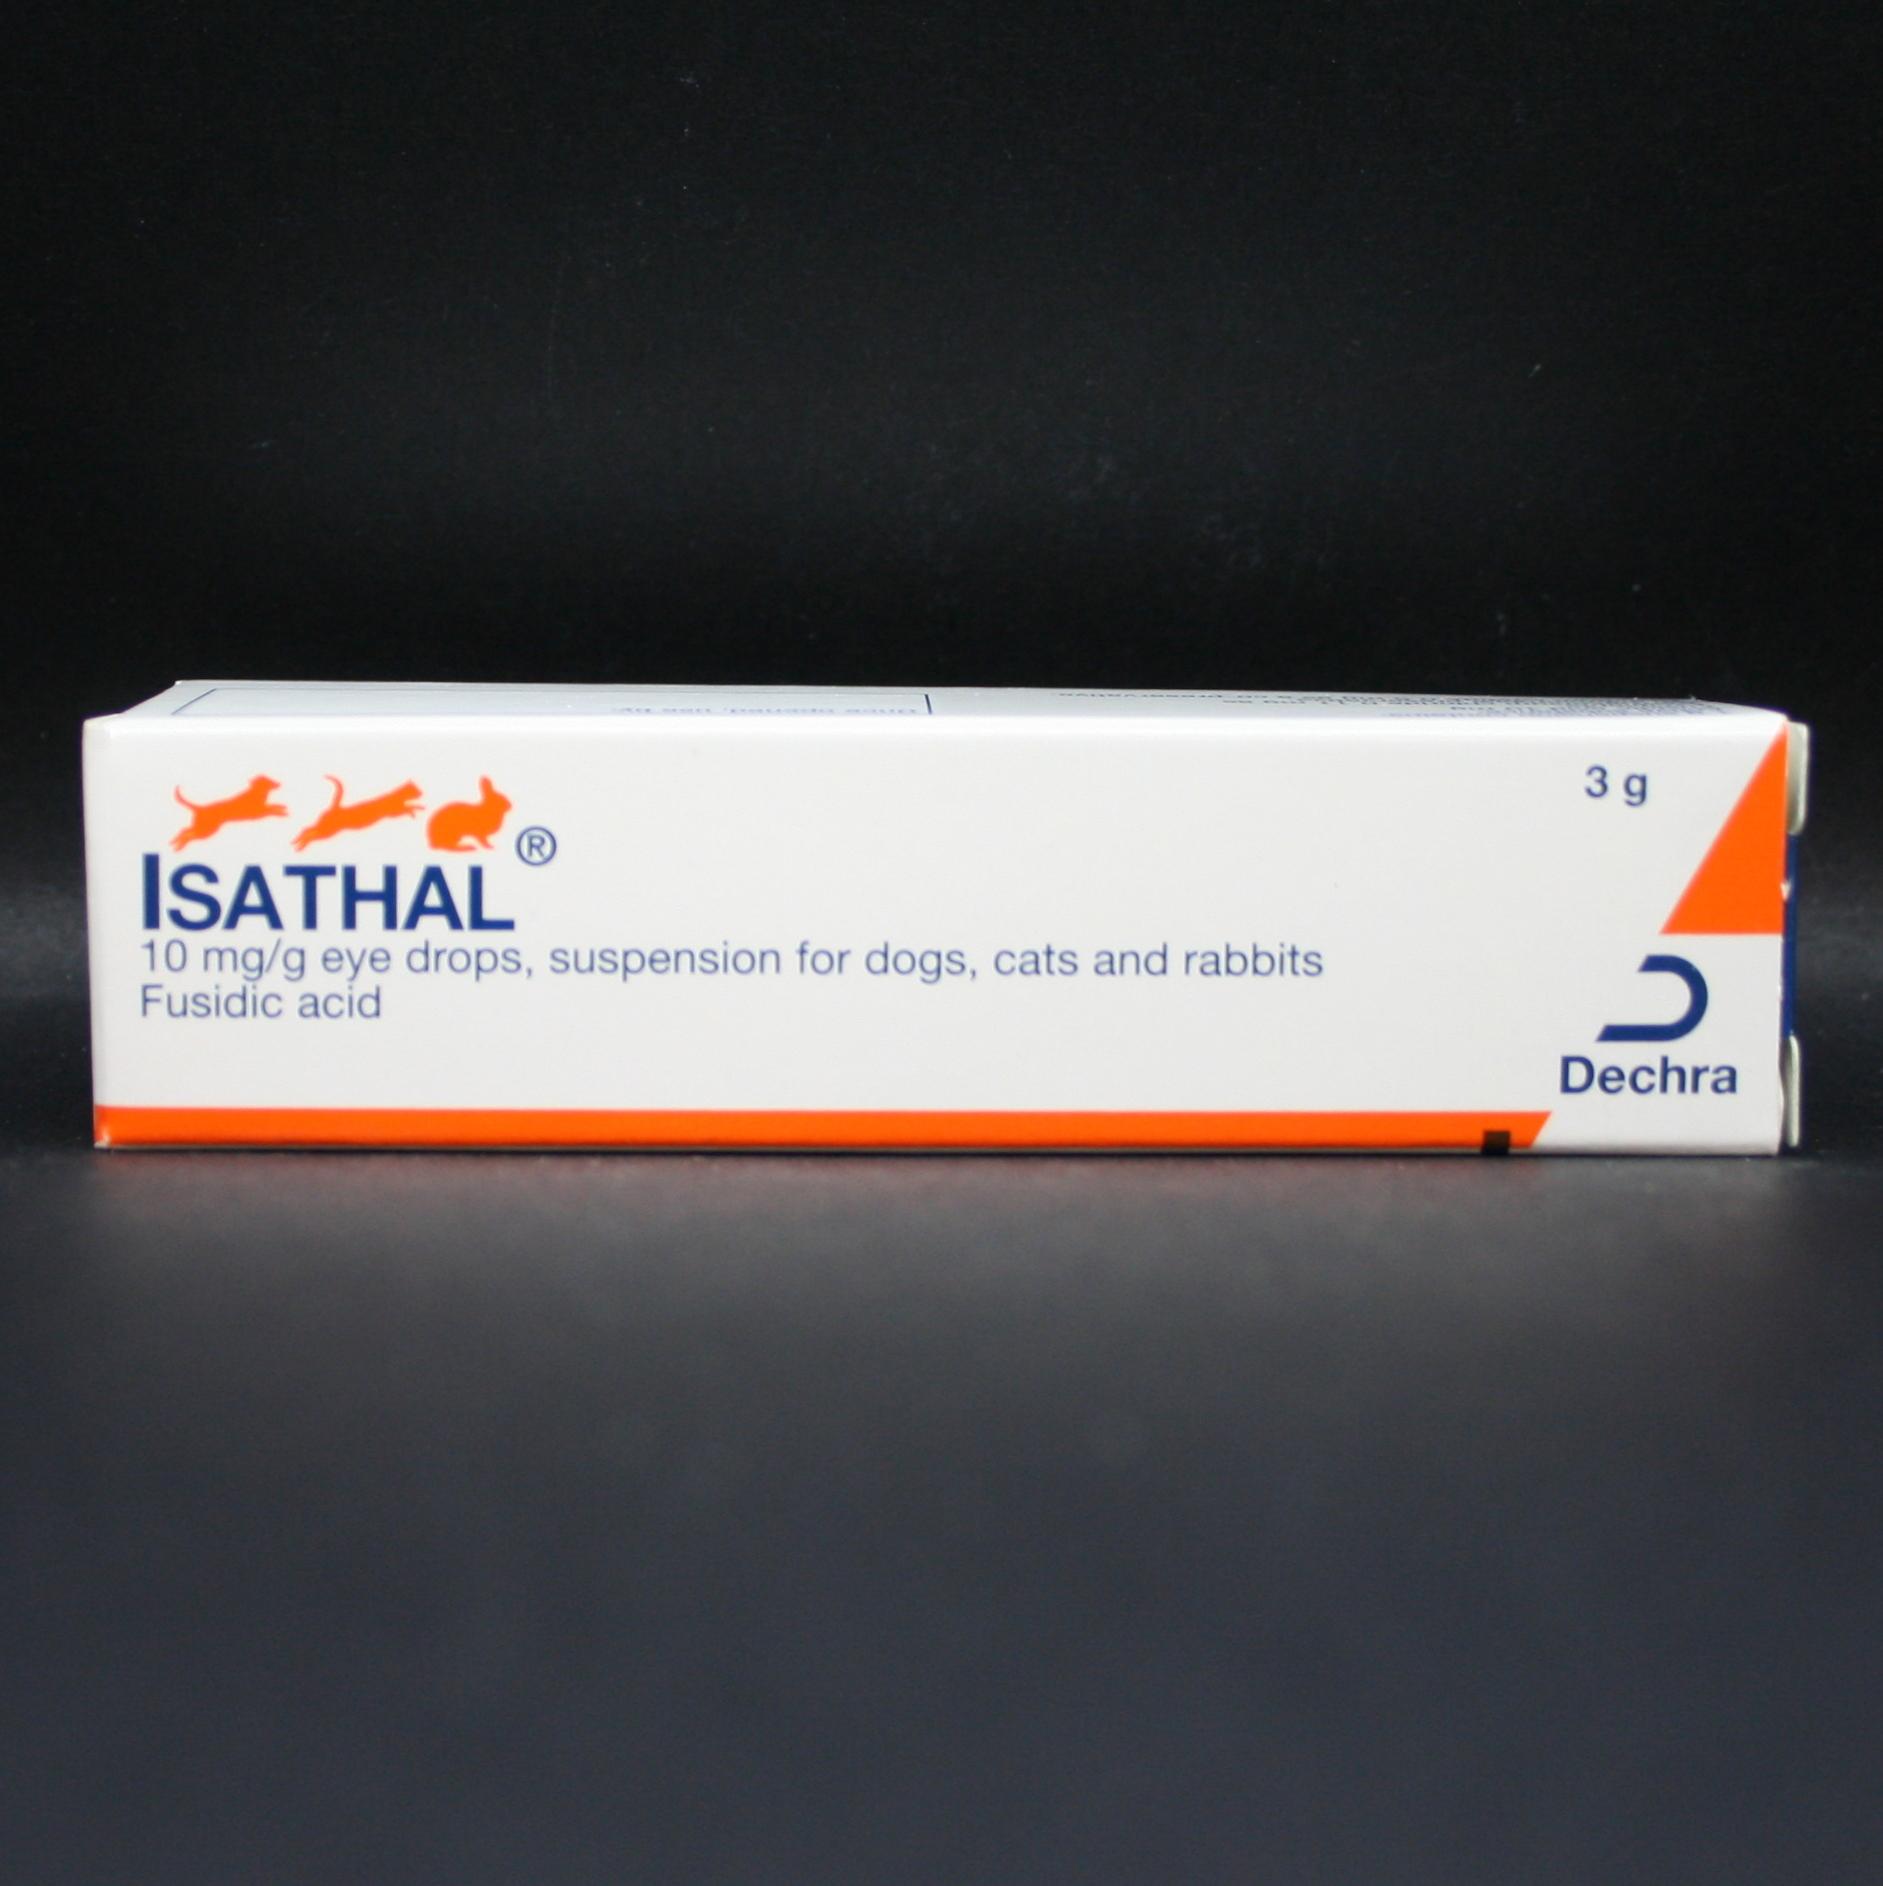 Isathal 10mg/g Eye Drops 3g